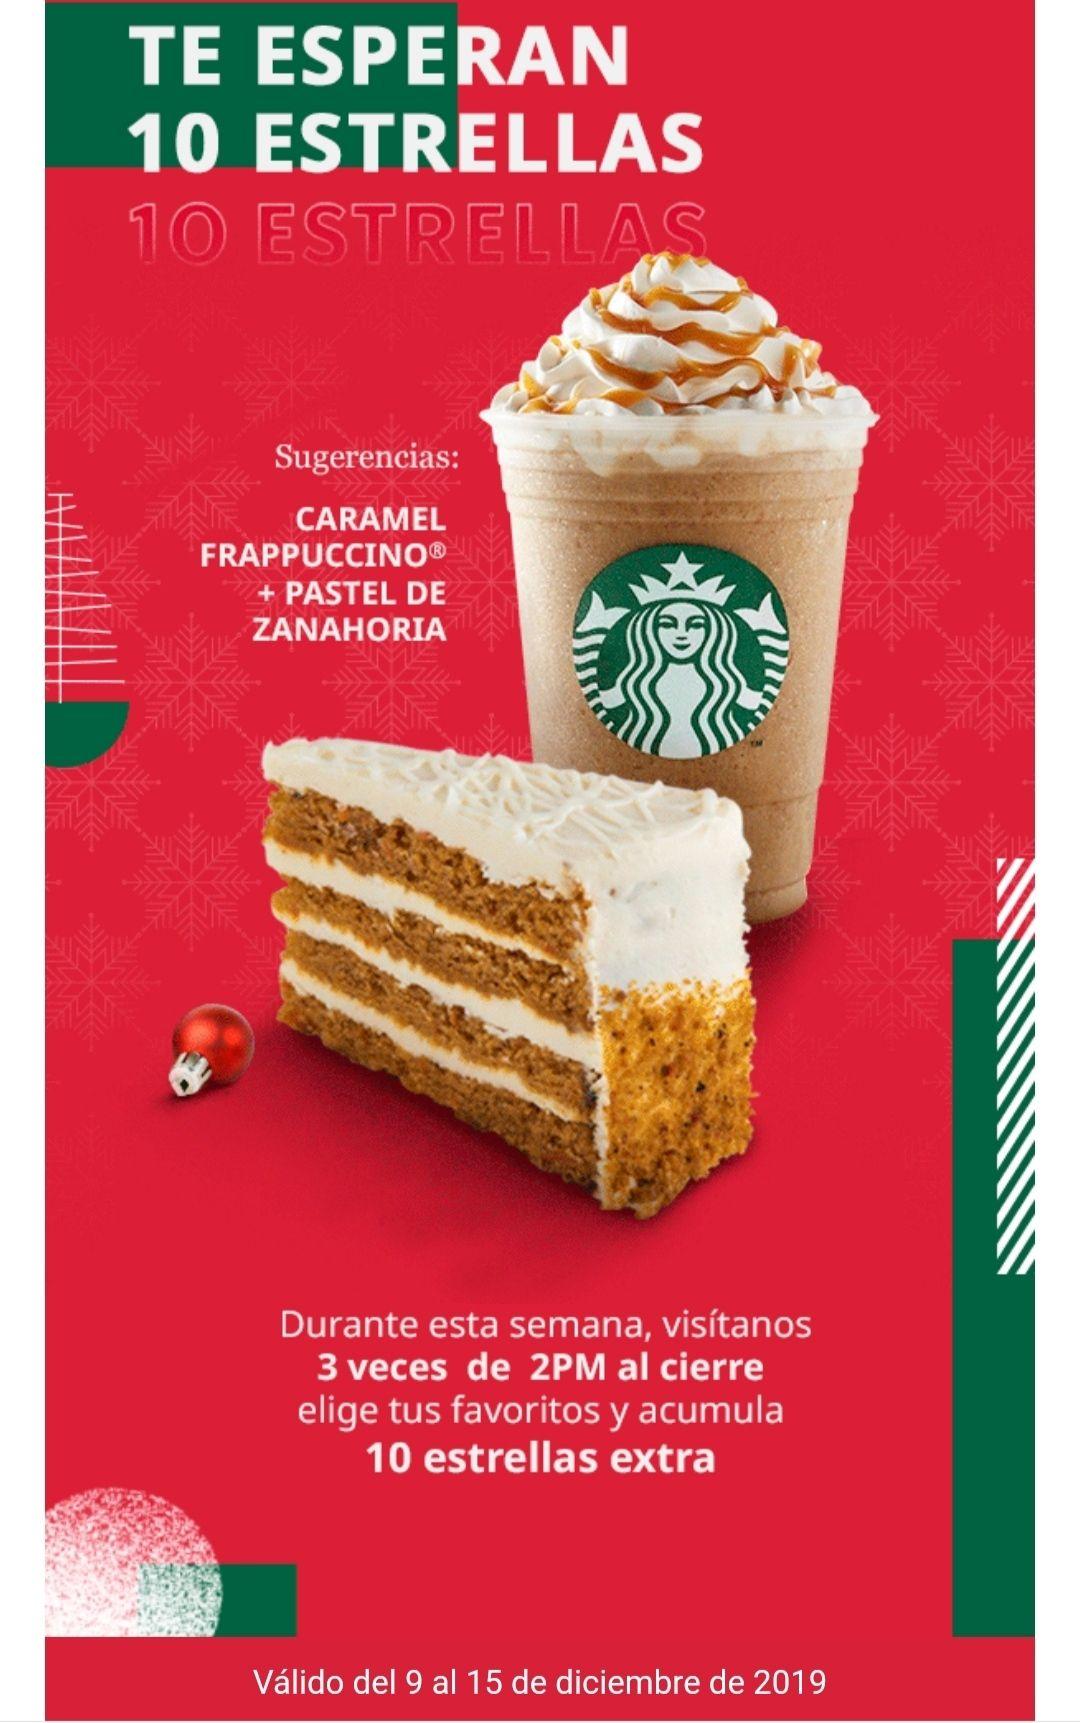 Starbucks: Realiza 3 visitas y obtén 10 stars extras (usuarios seleccionados)